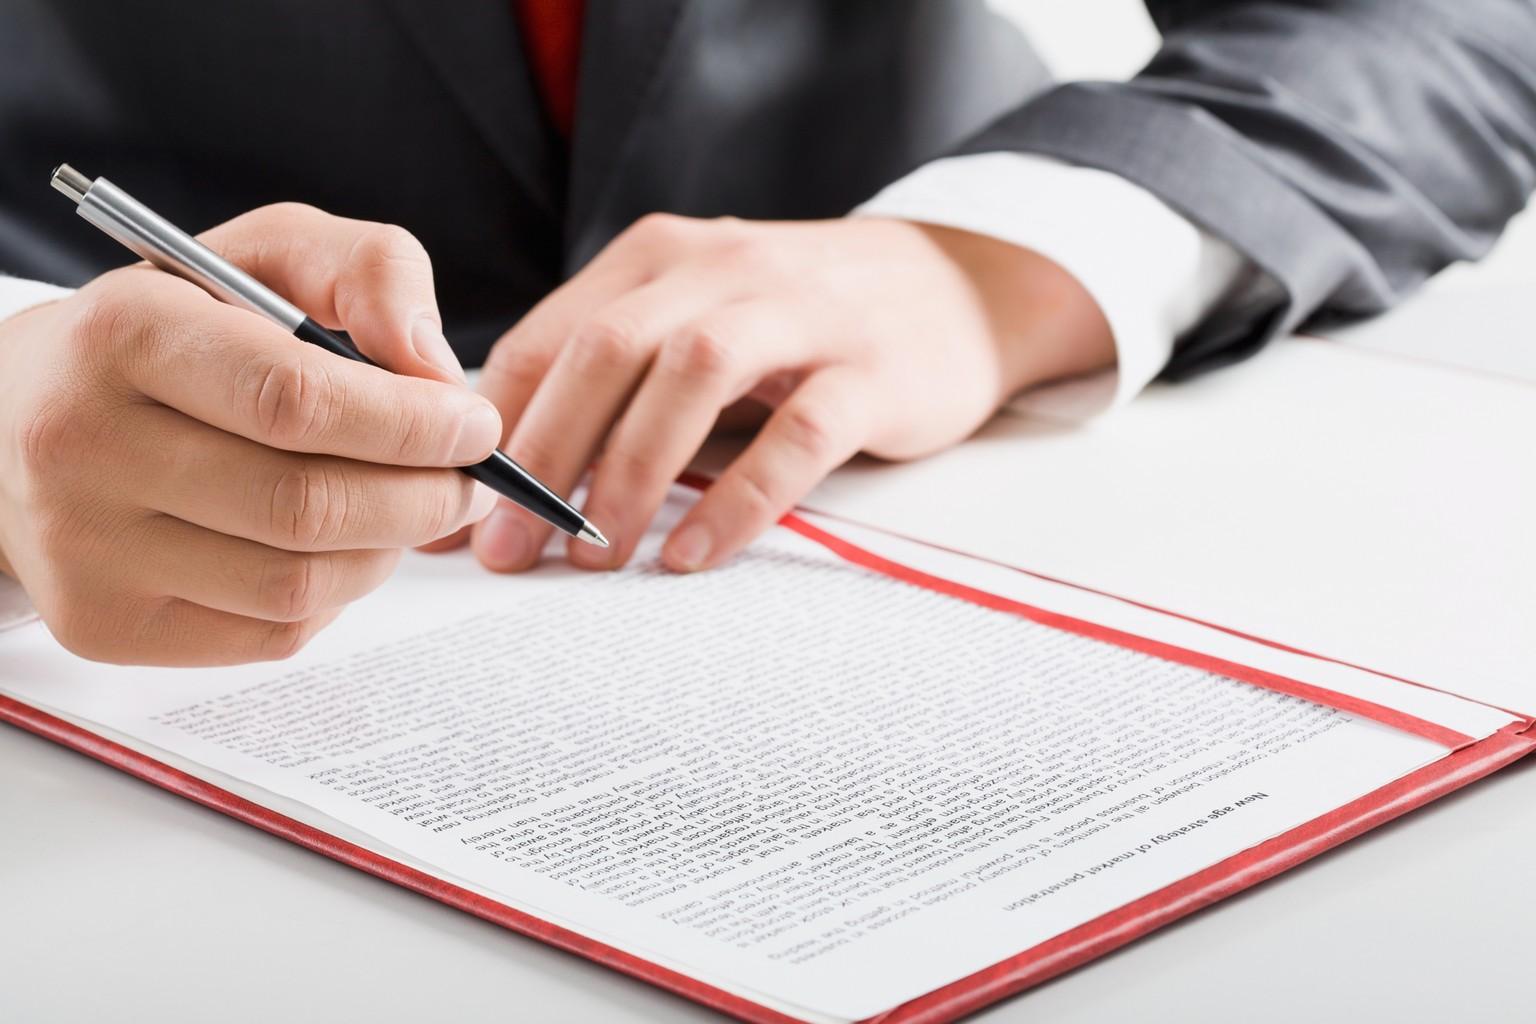 Maison à vendre : Ce que je vous recommande pour trouver un acquéreur rapidement